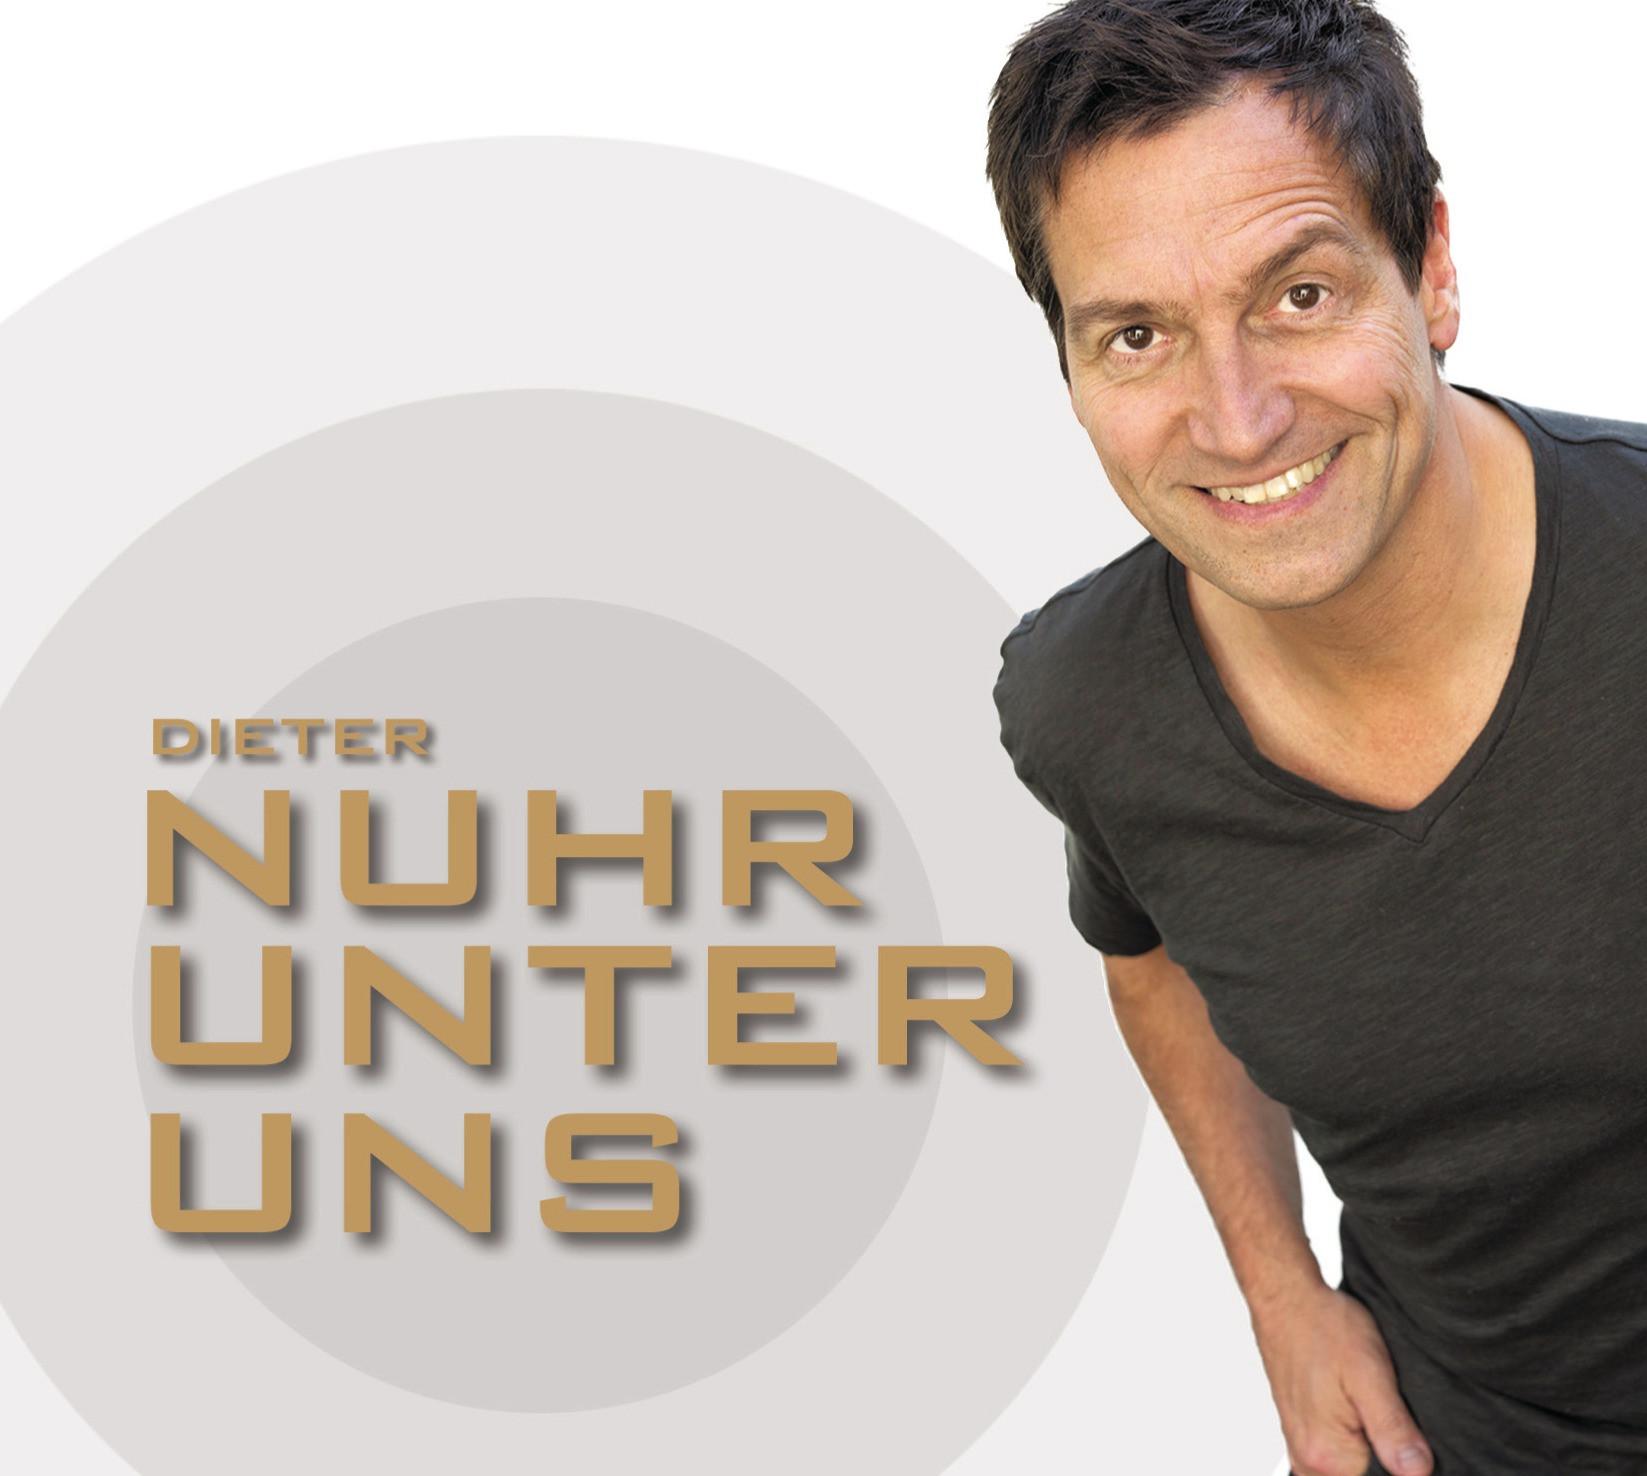 Dieter Nuhr - Nuhr unter uns